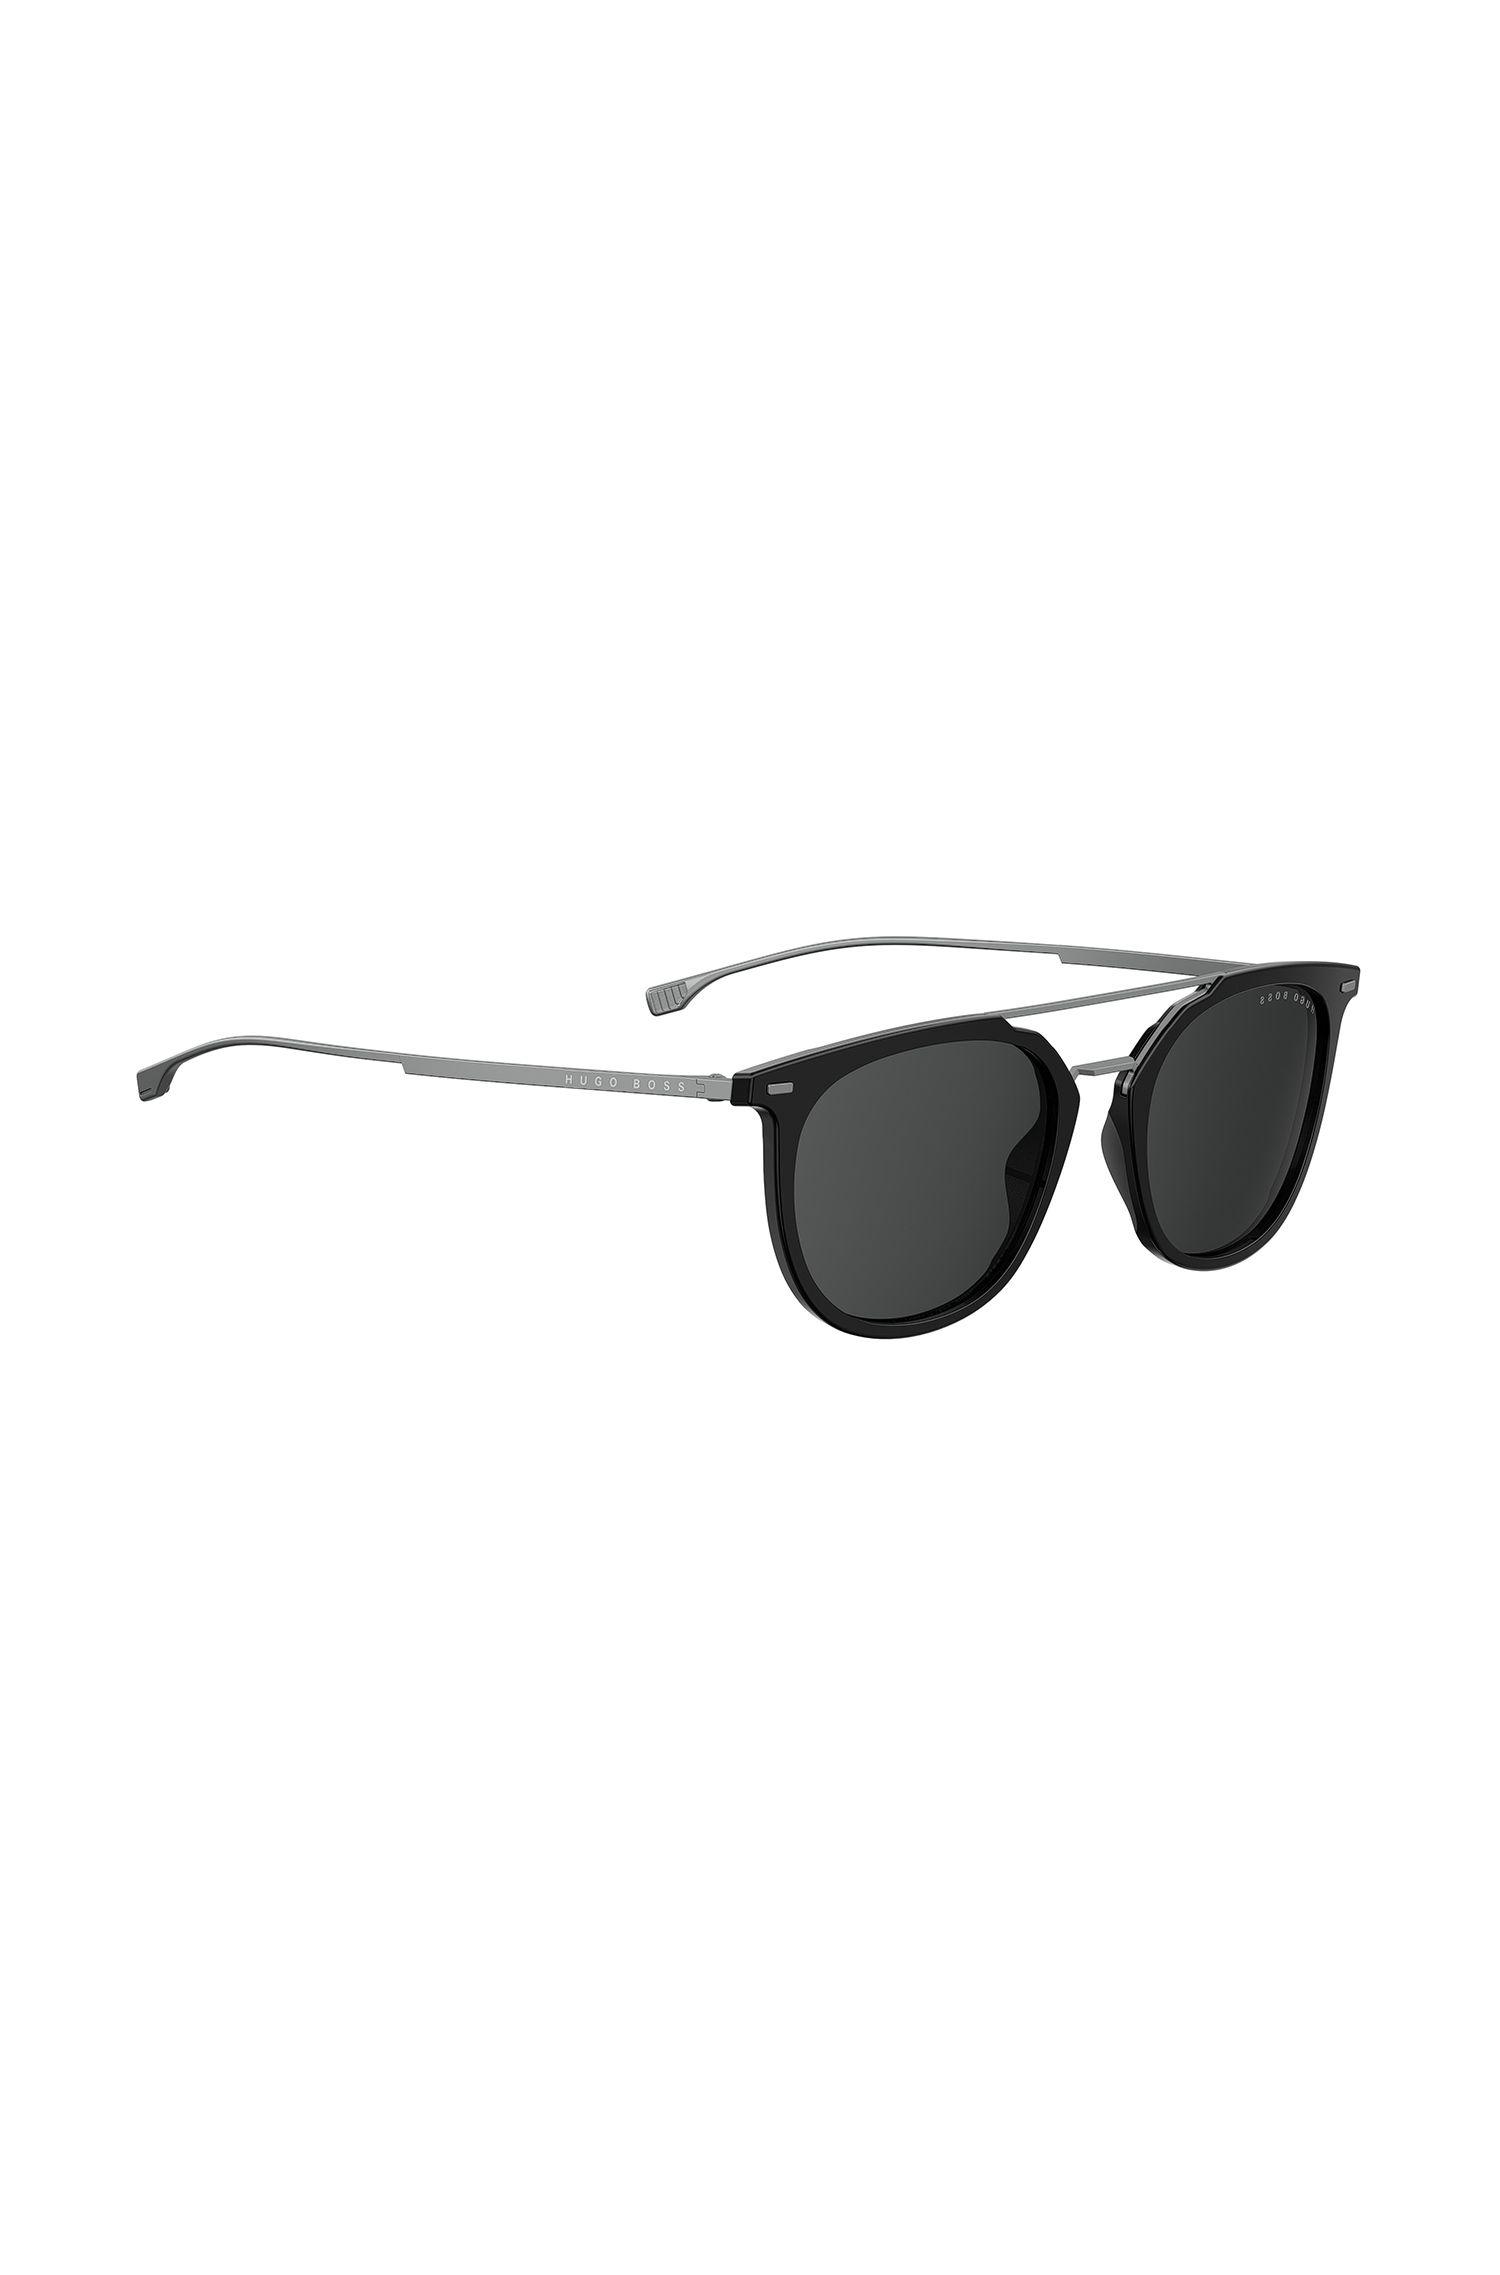 Double-bridge sunglasses in titanium and acetate, Black